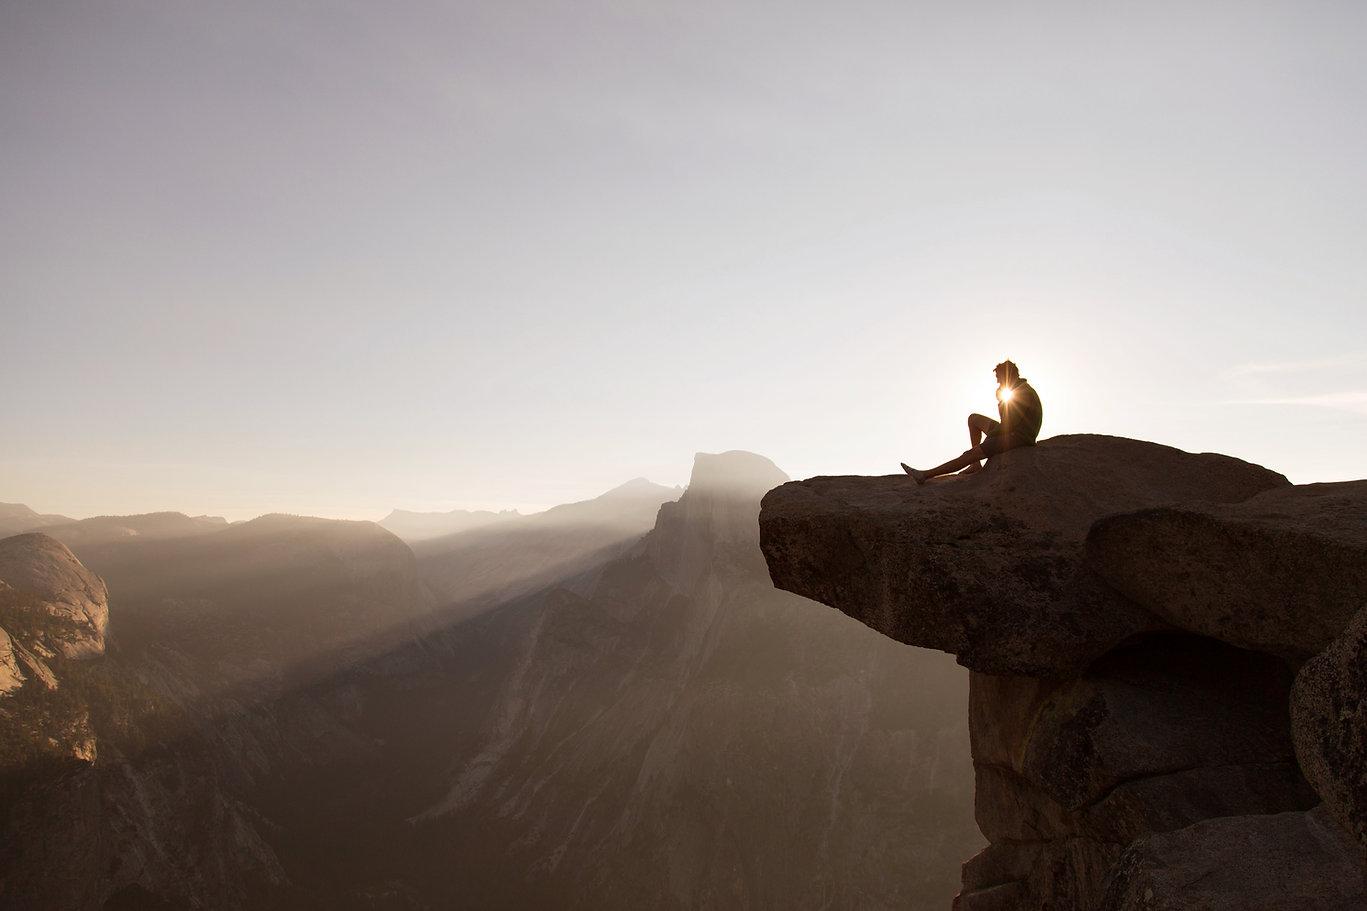 Assis sur les rochers